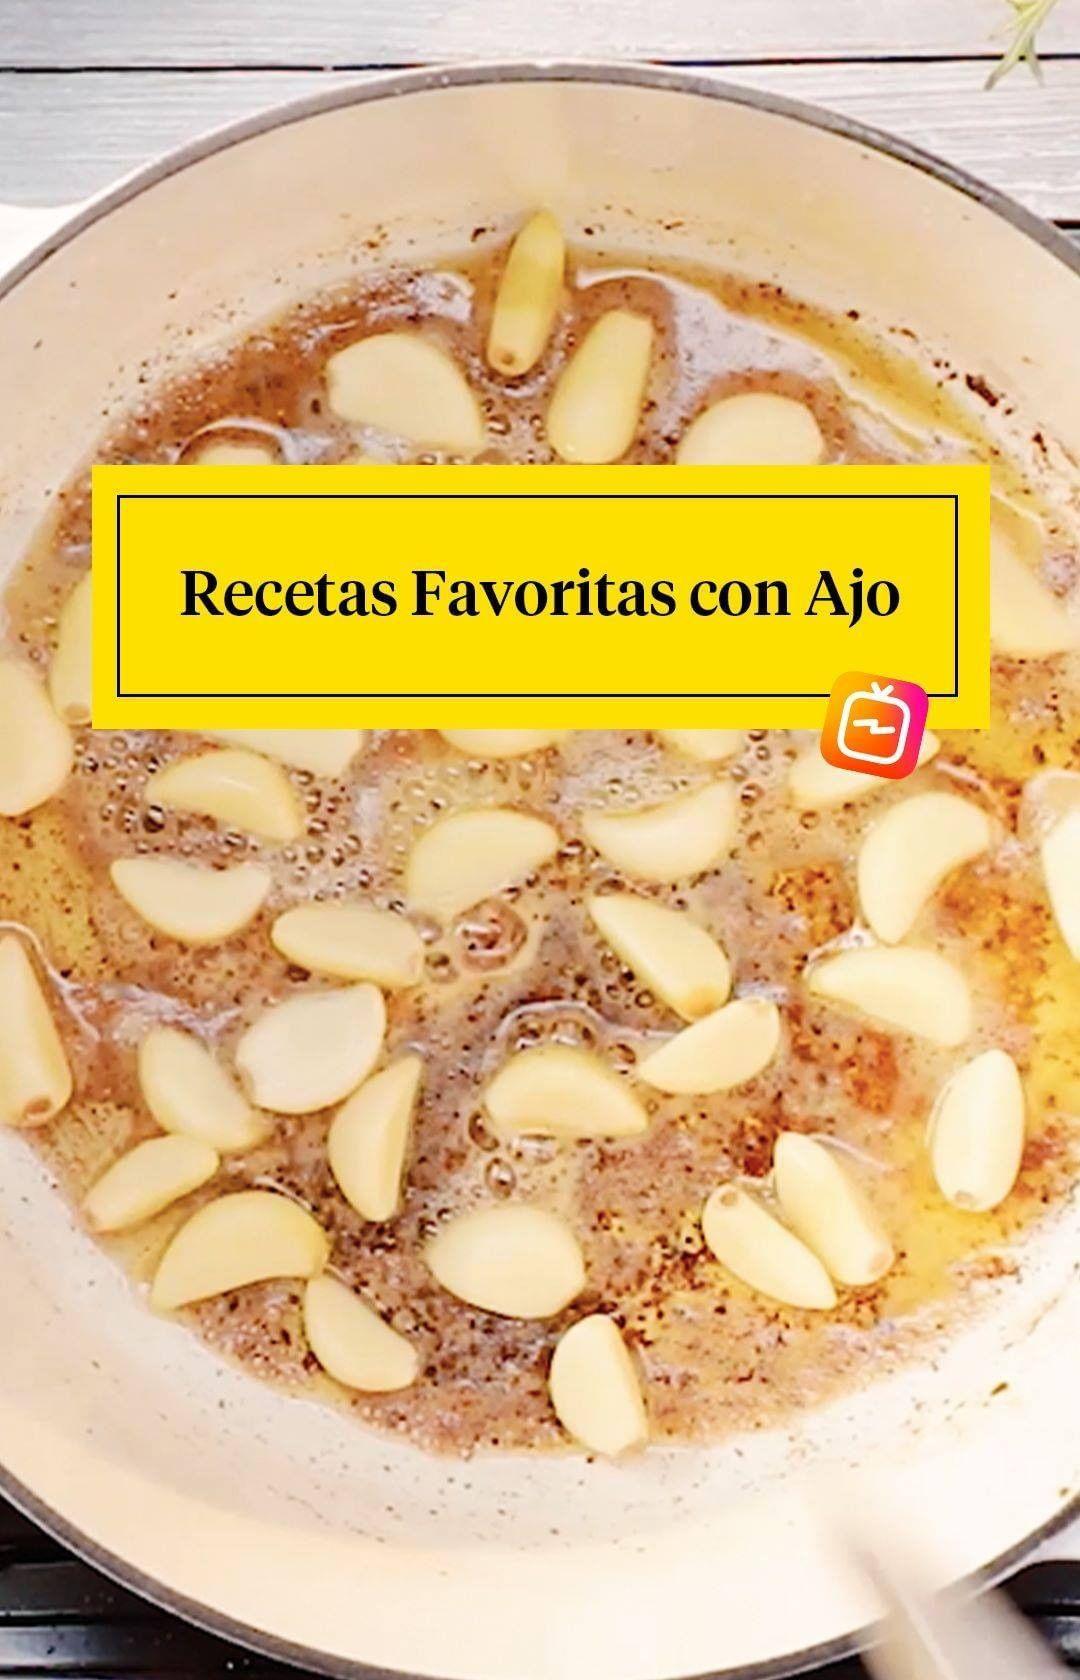 2 955 Me Gusta 24 Comentarios Tastemade Español Tastemadees En Instagram Tastemade Instagram Food